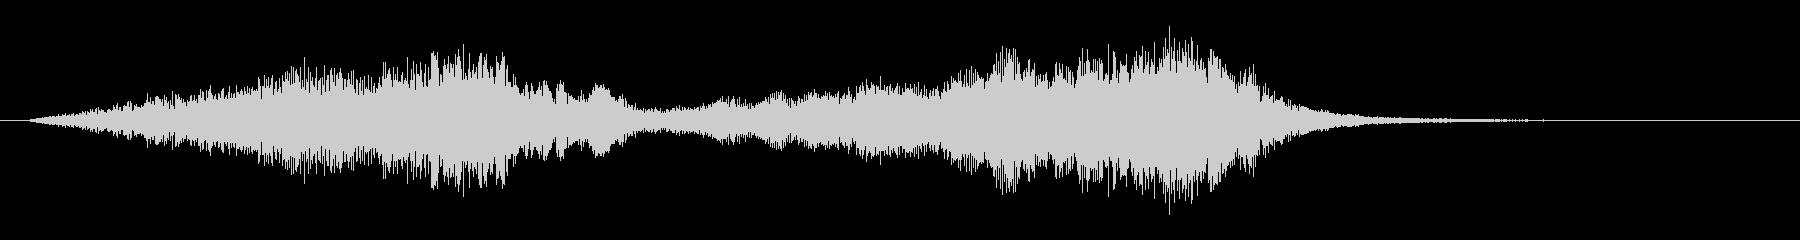 ストリングスによる爽やかなサウンドロゴの未再生の波形